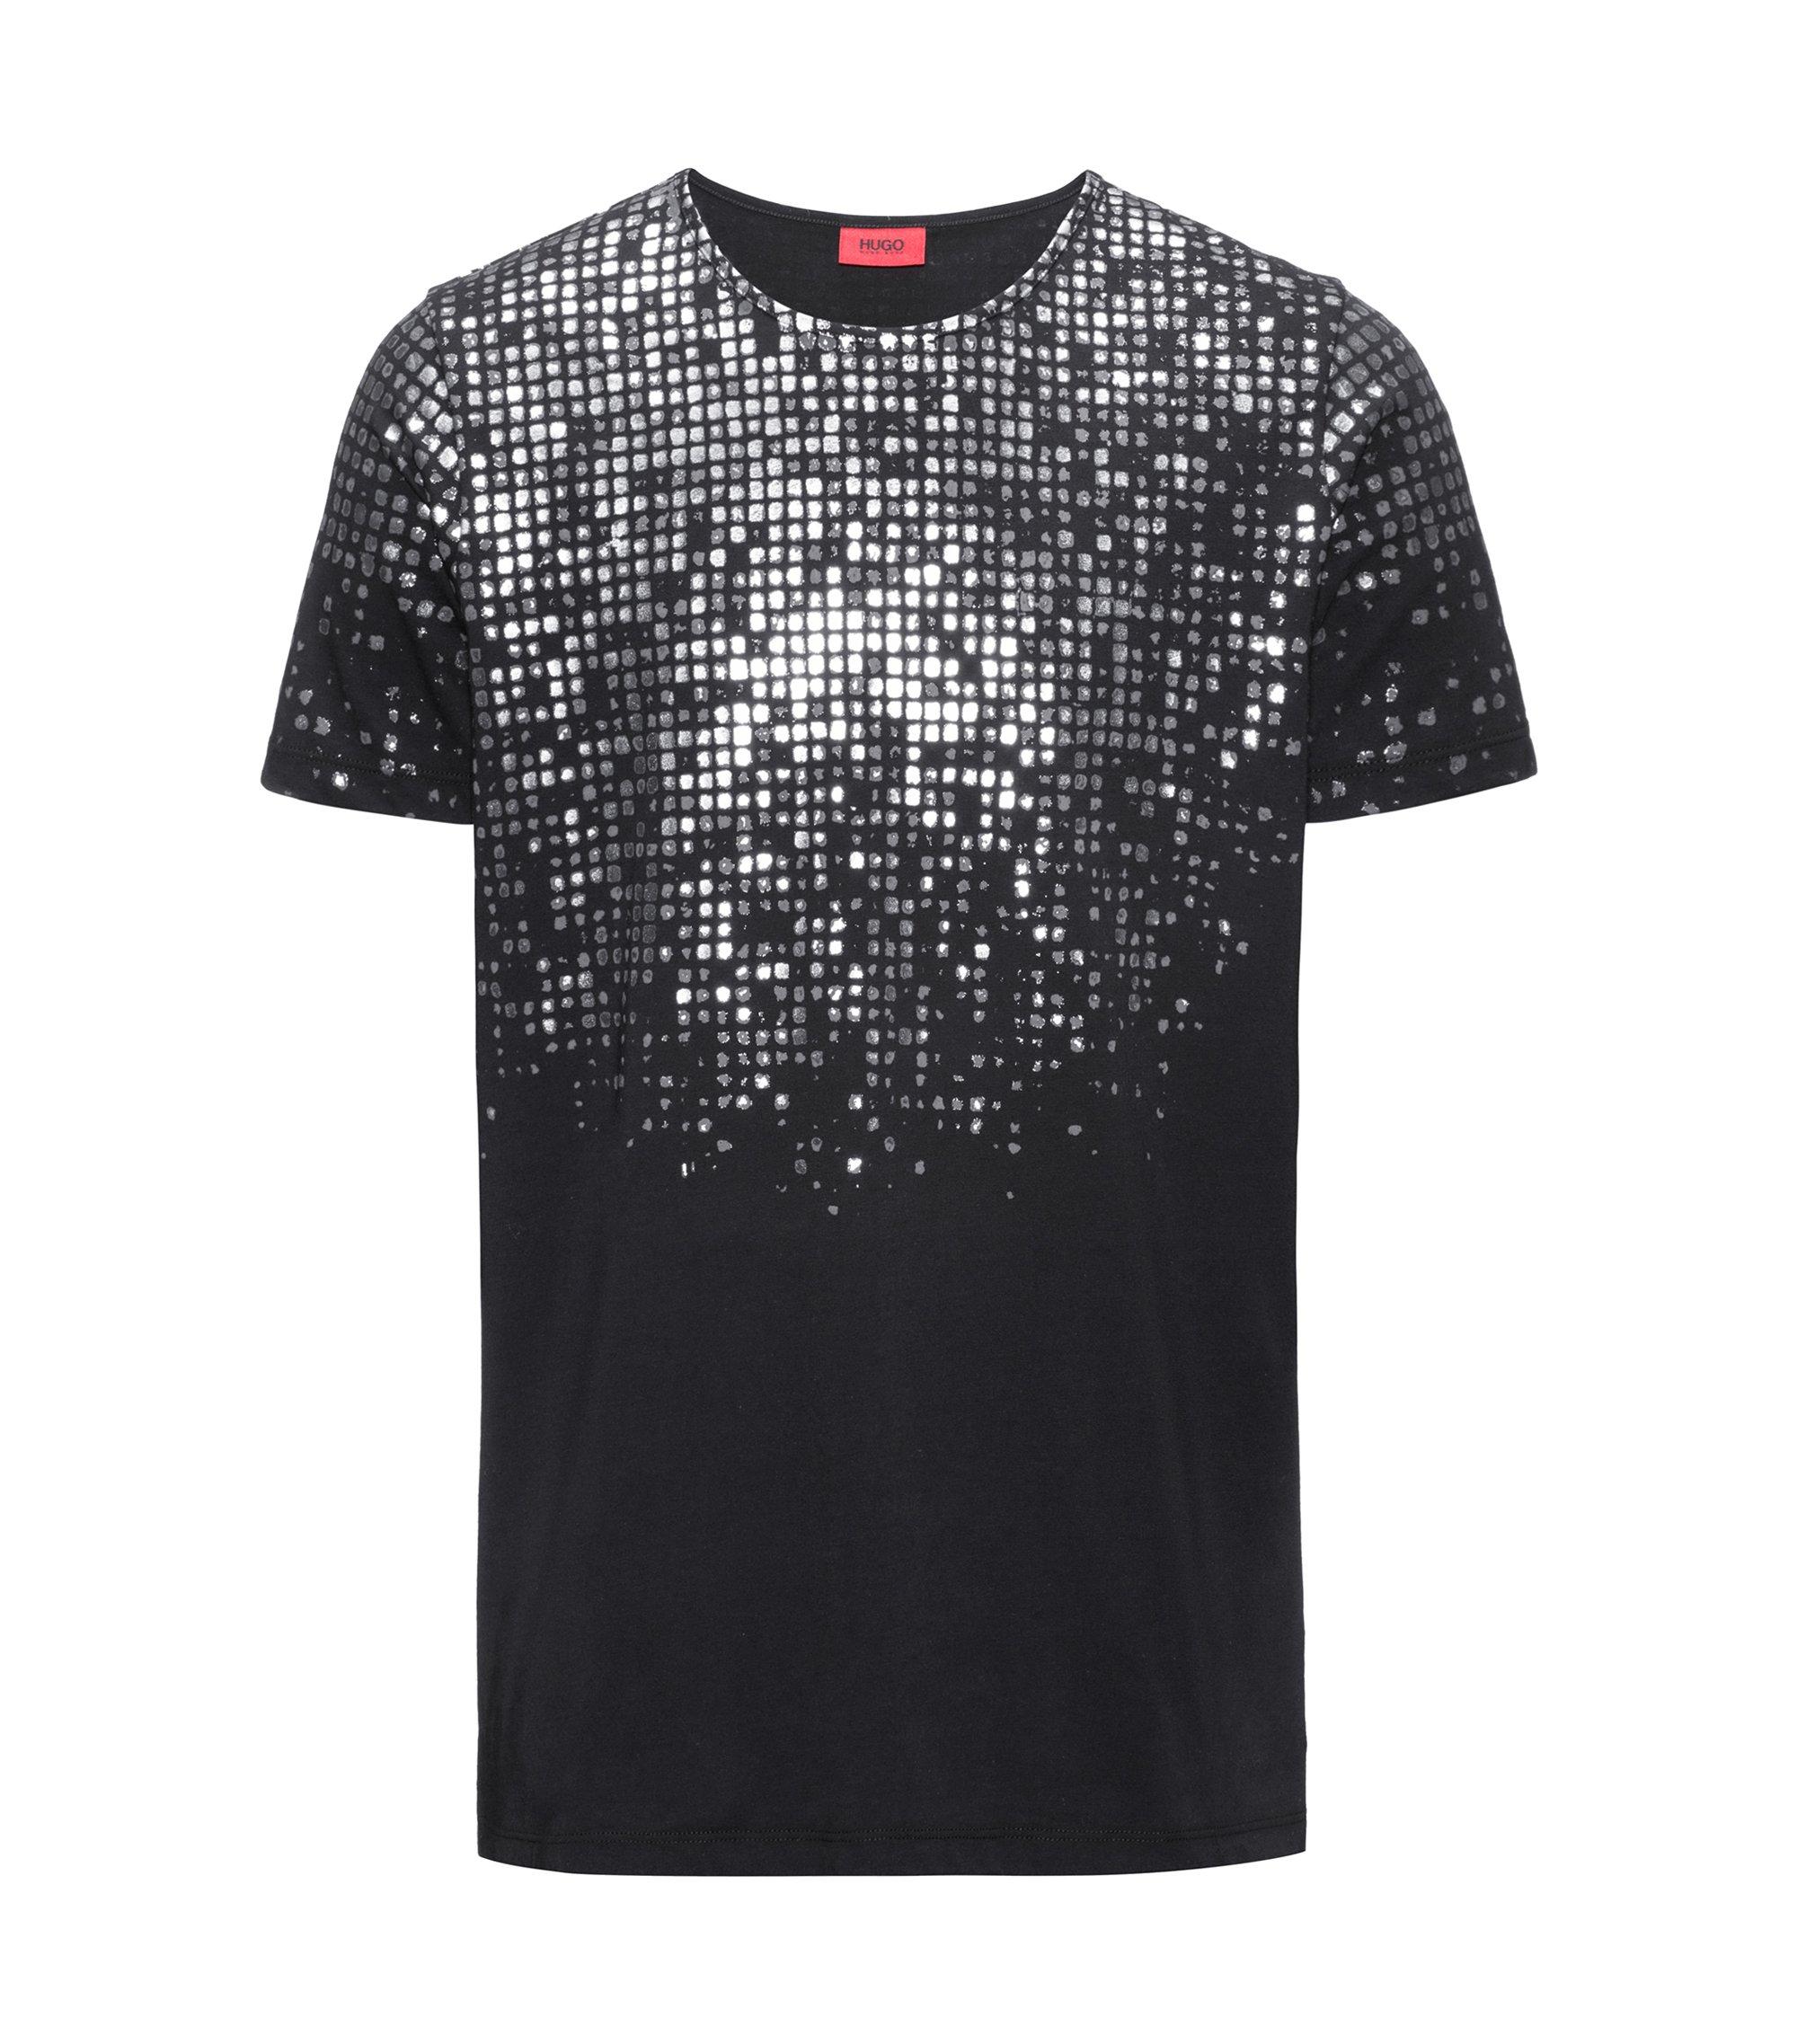 Foil-Print Cotton T-Shirt   Dilver, Black